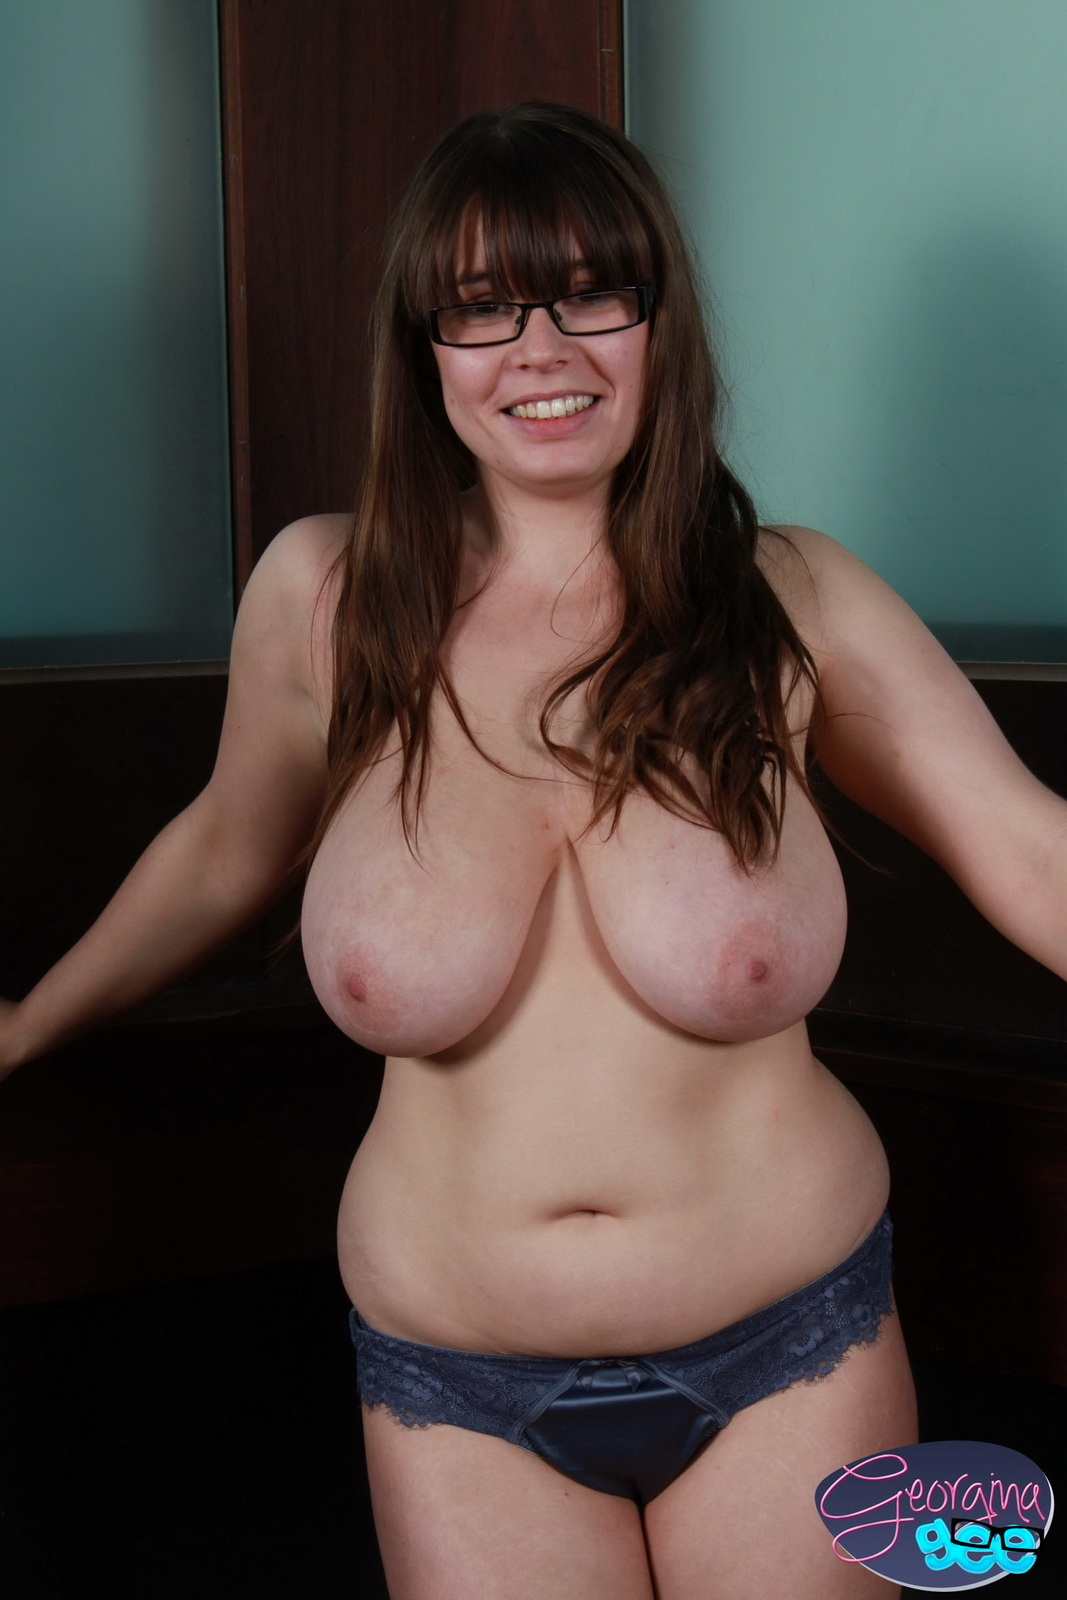 busty-nerdy-nude-women